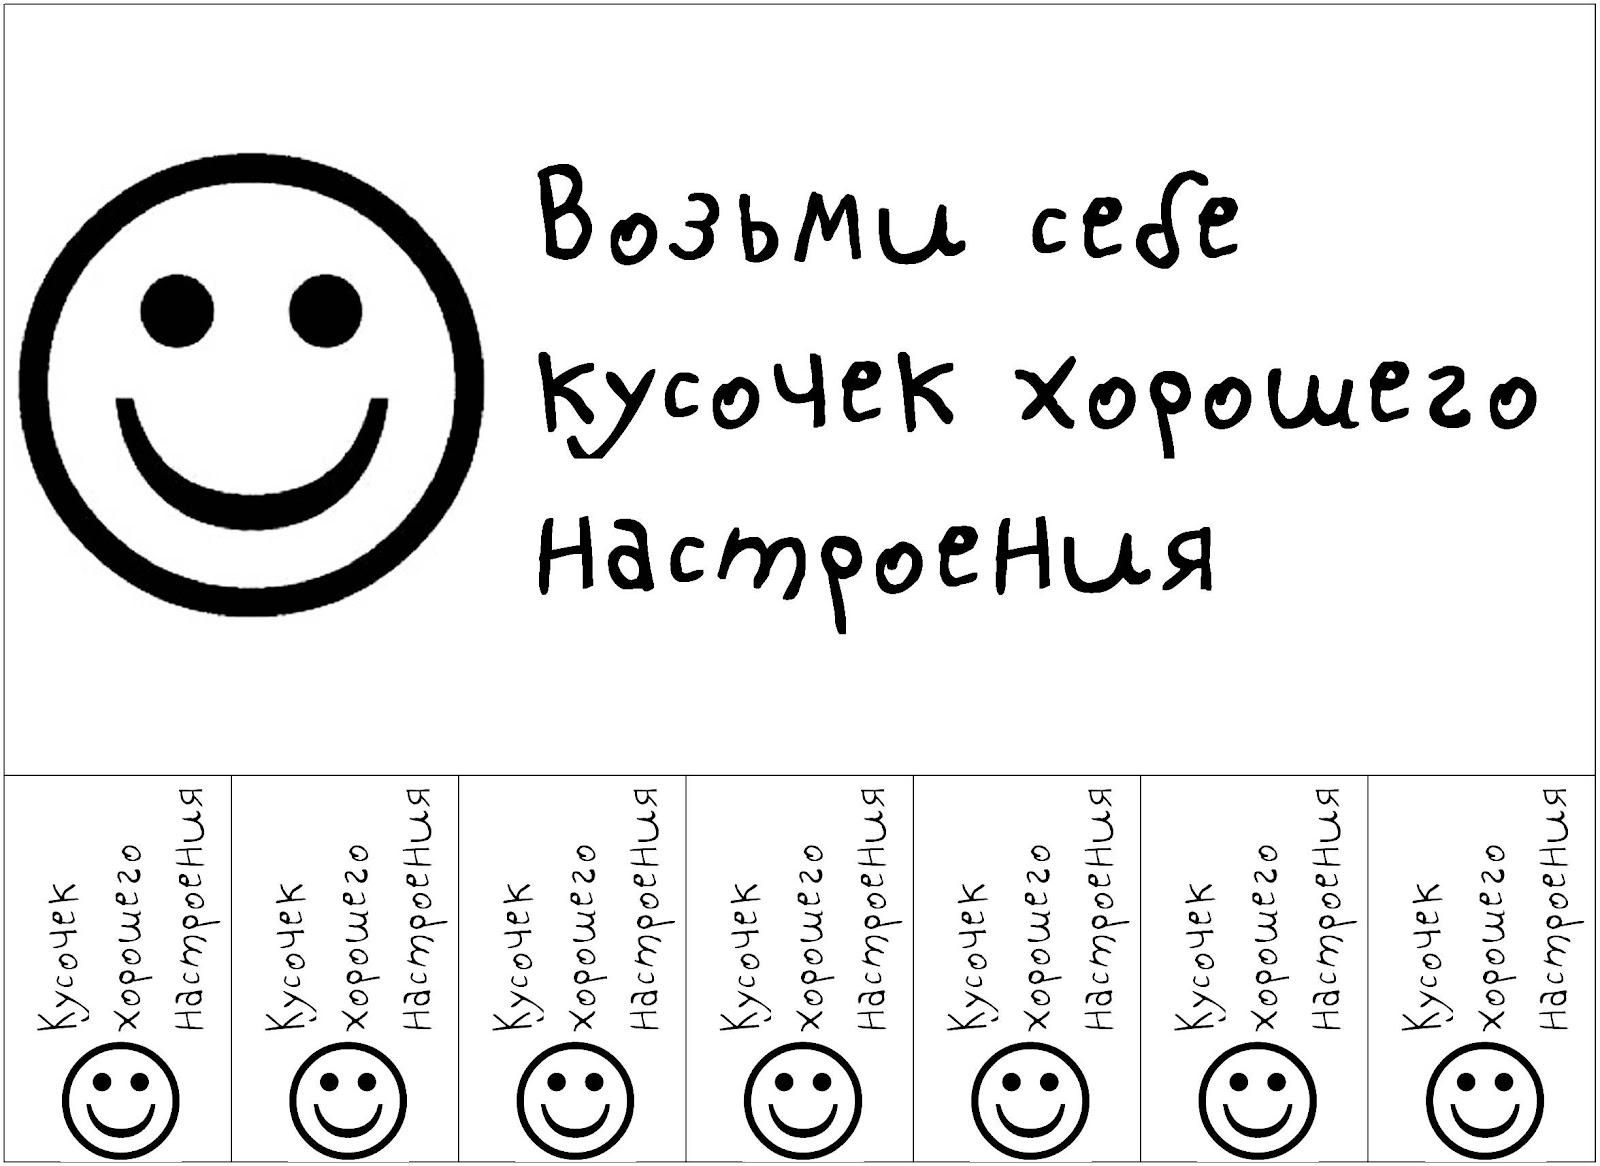 объявление возьми себе кусочек хорошего настроения